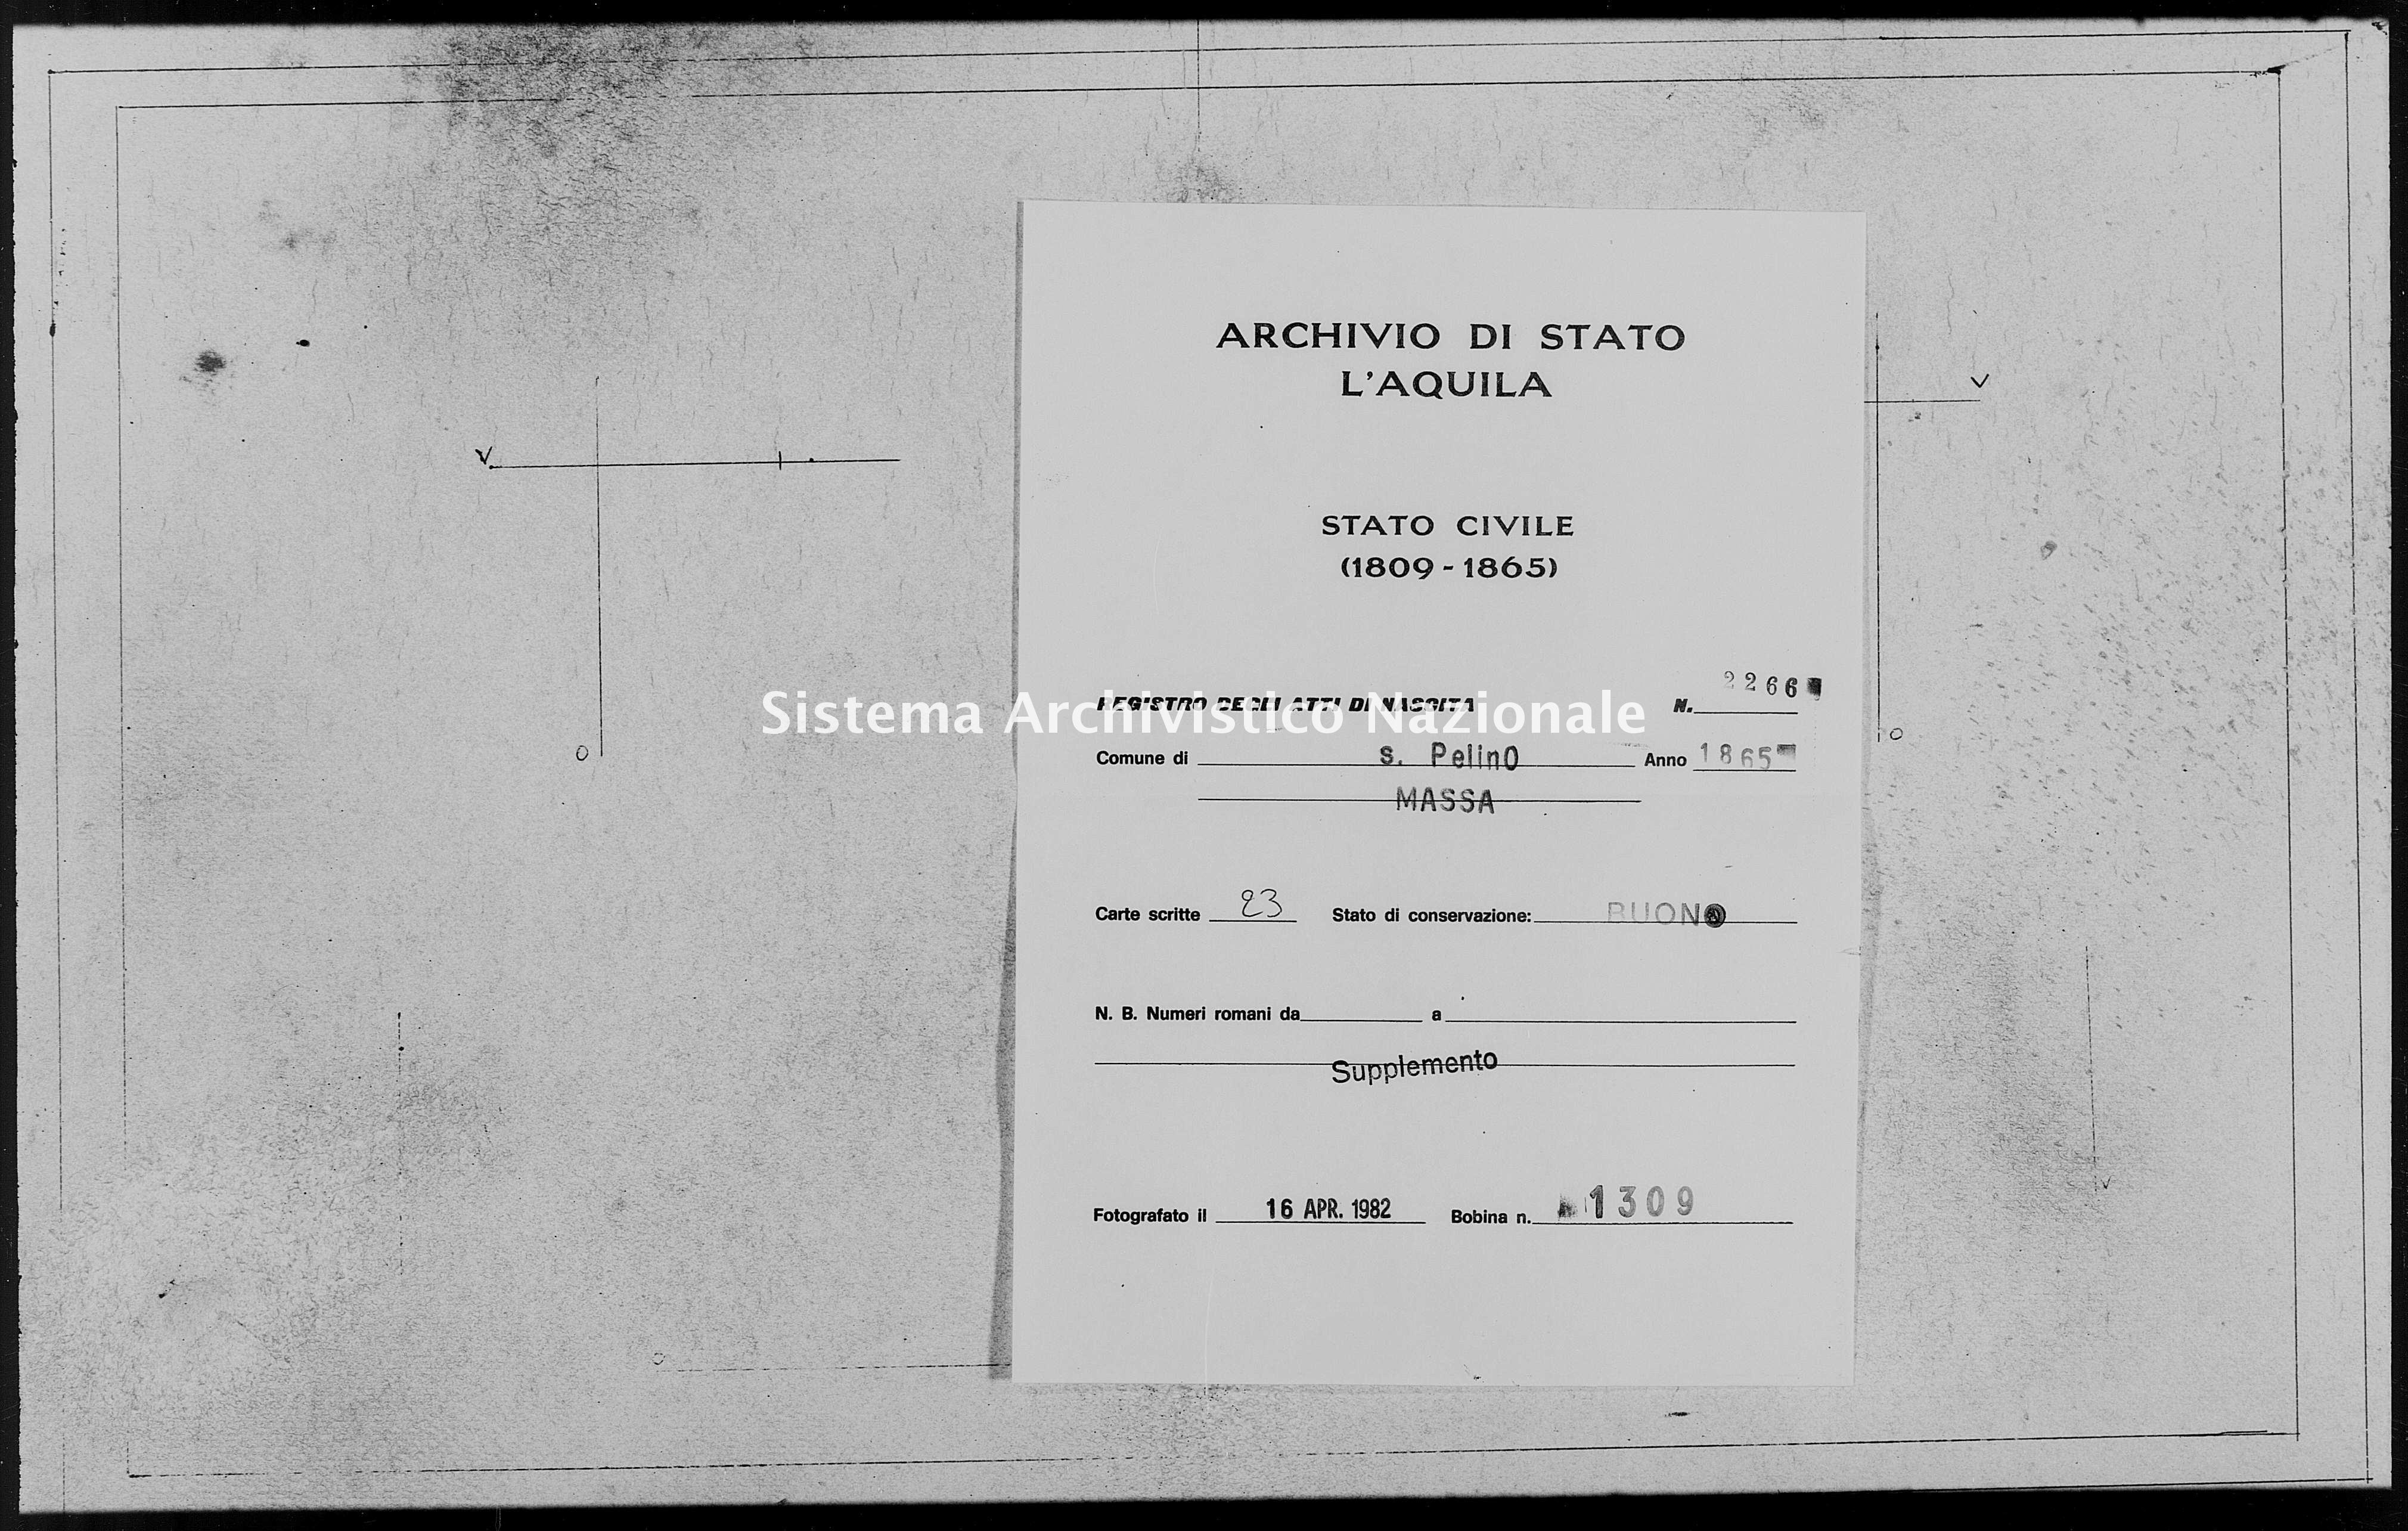 Archivio di stato di L'aquila - Stato civile italiano - San Pelino - Nati, battesimi - 1865 - 2266 -